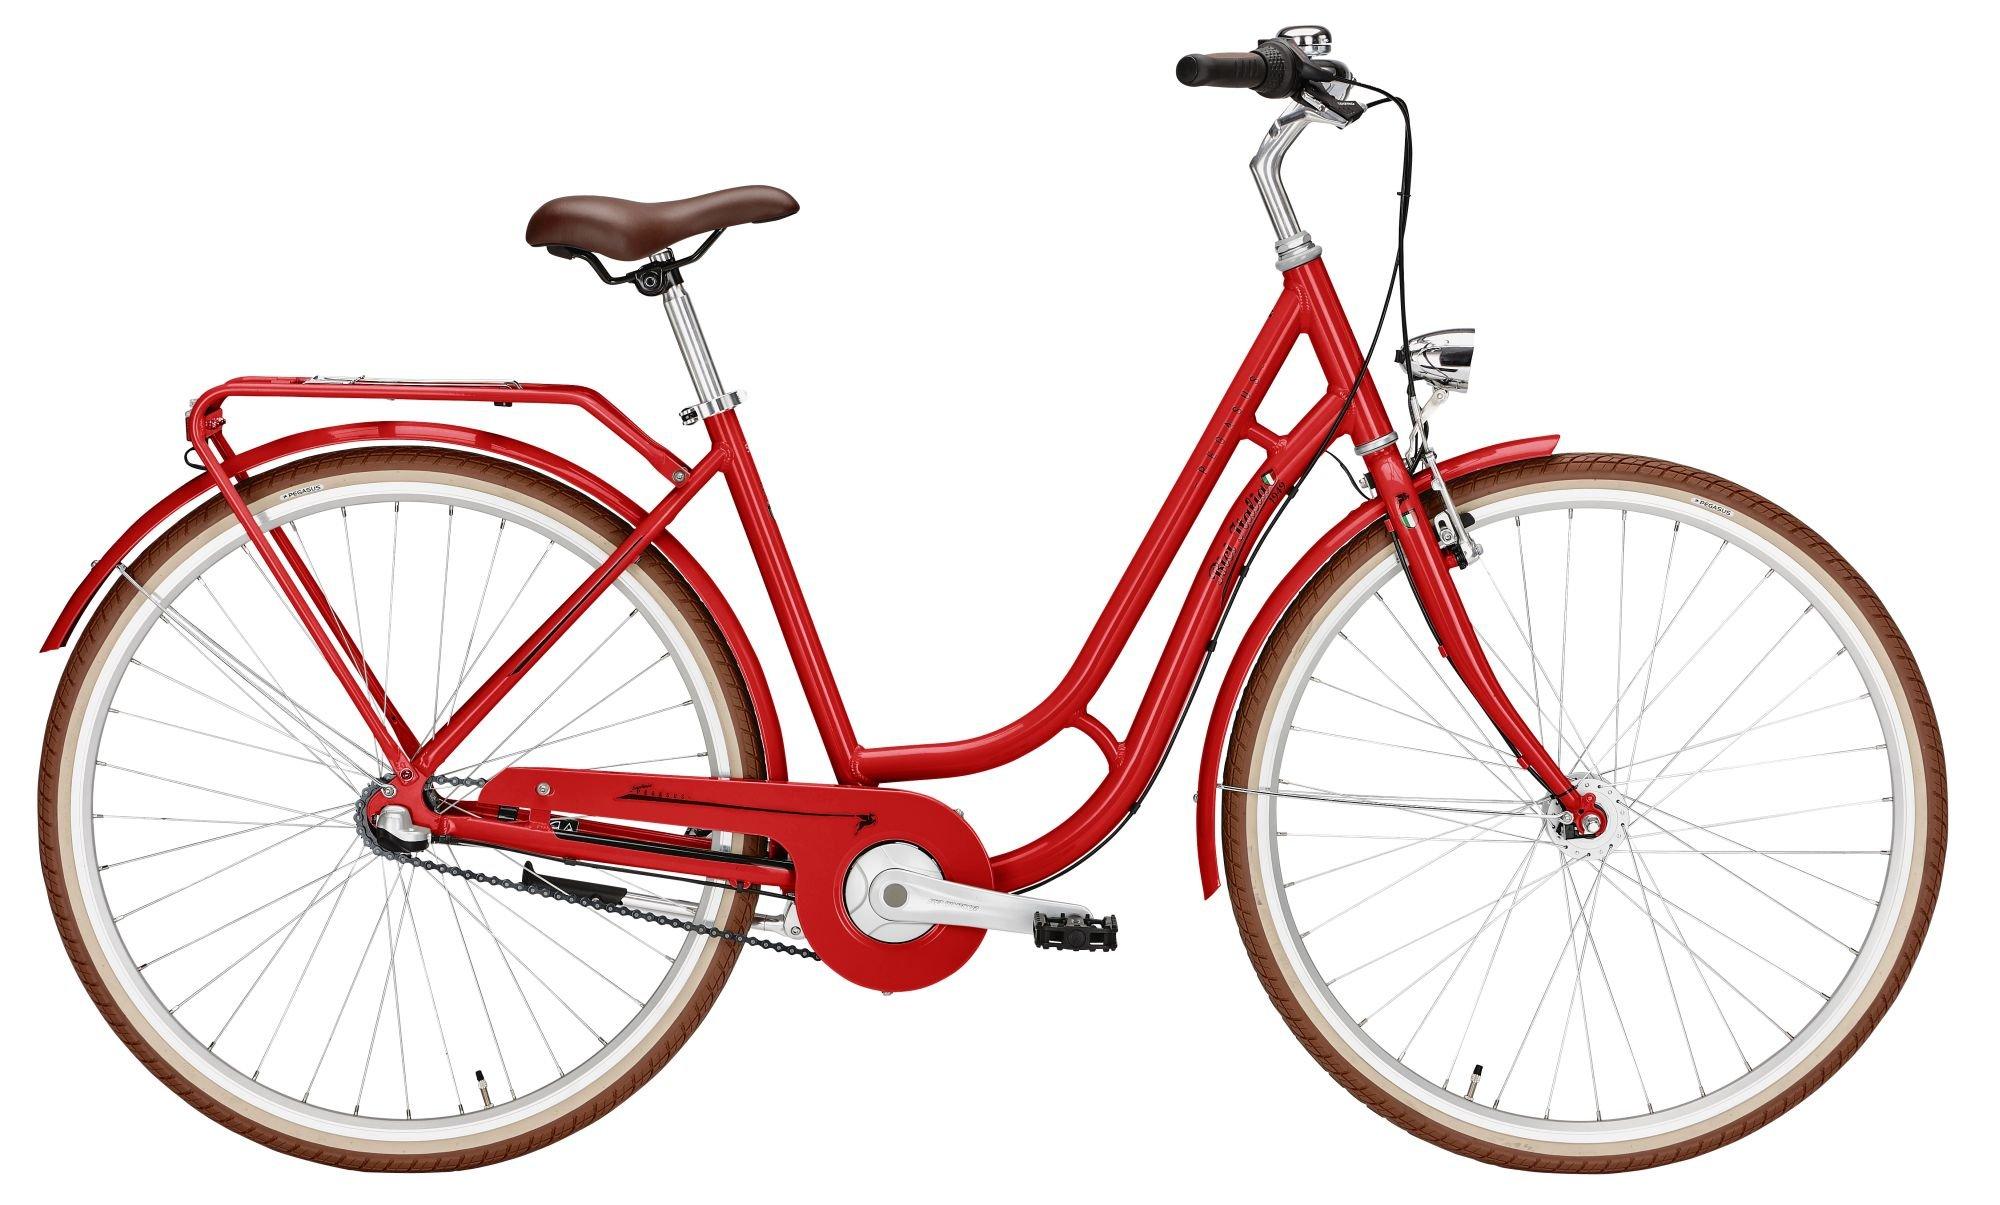 Pegasus Bici Italia 3s Tour, 3 Gang Nabenschaltung, Damenfahrrad, Tiefeinsteiger, Modell 2021, 28 Zoll